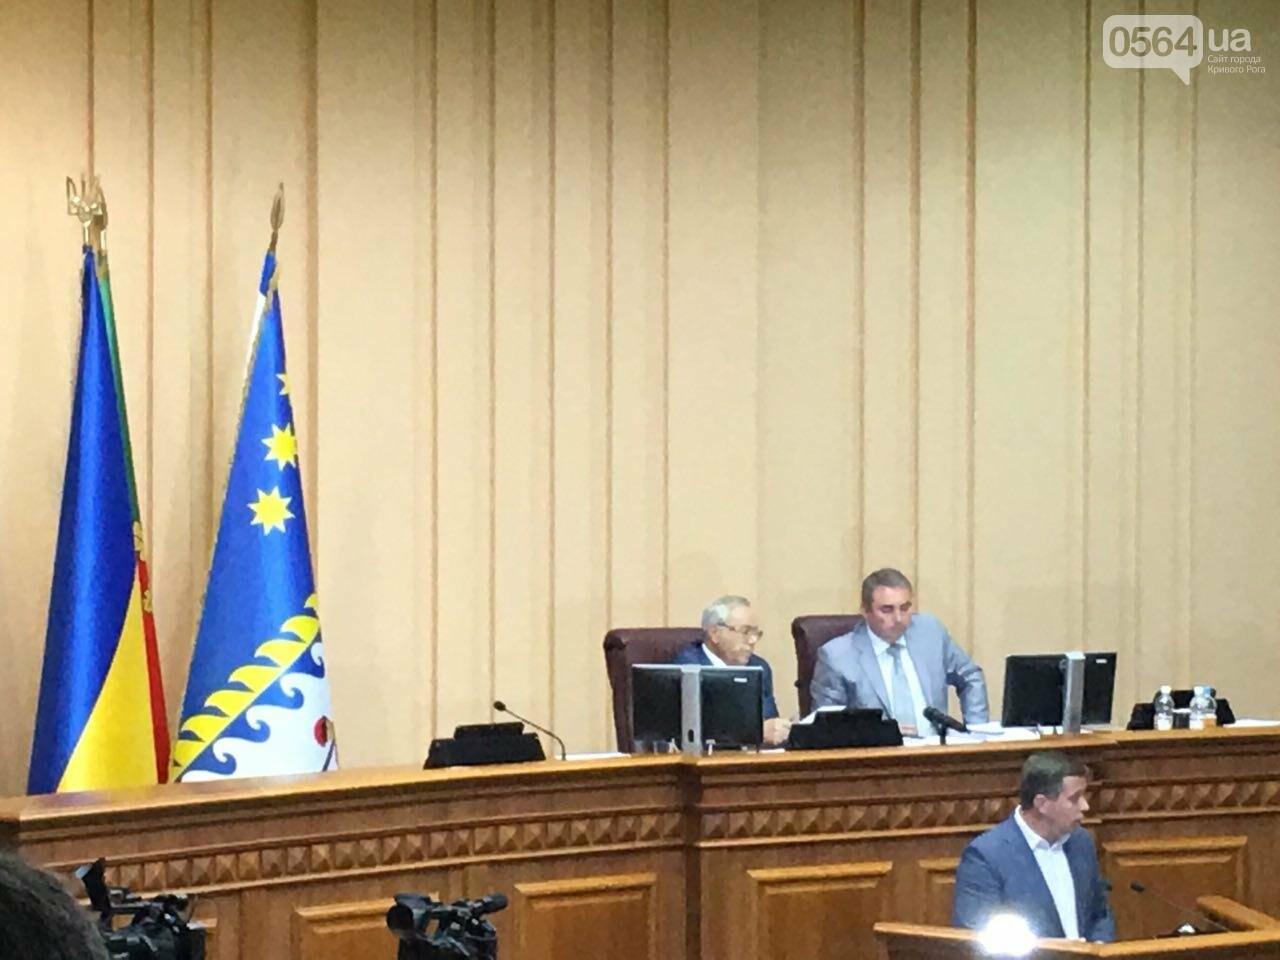 Тариф в маршрутках Кривого Рога  не снизится - депутаты рассмотрели петицию, - ФОТО, фото-10